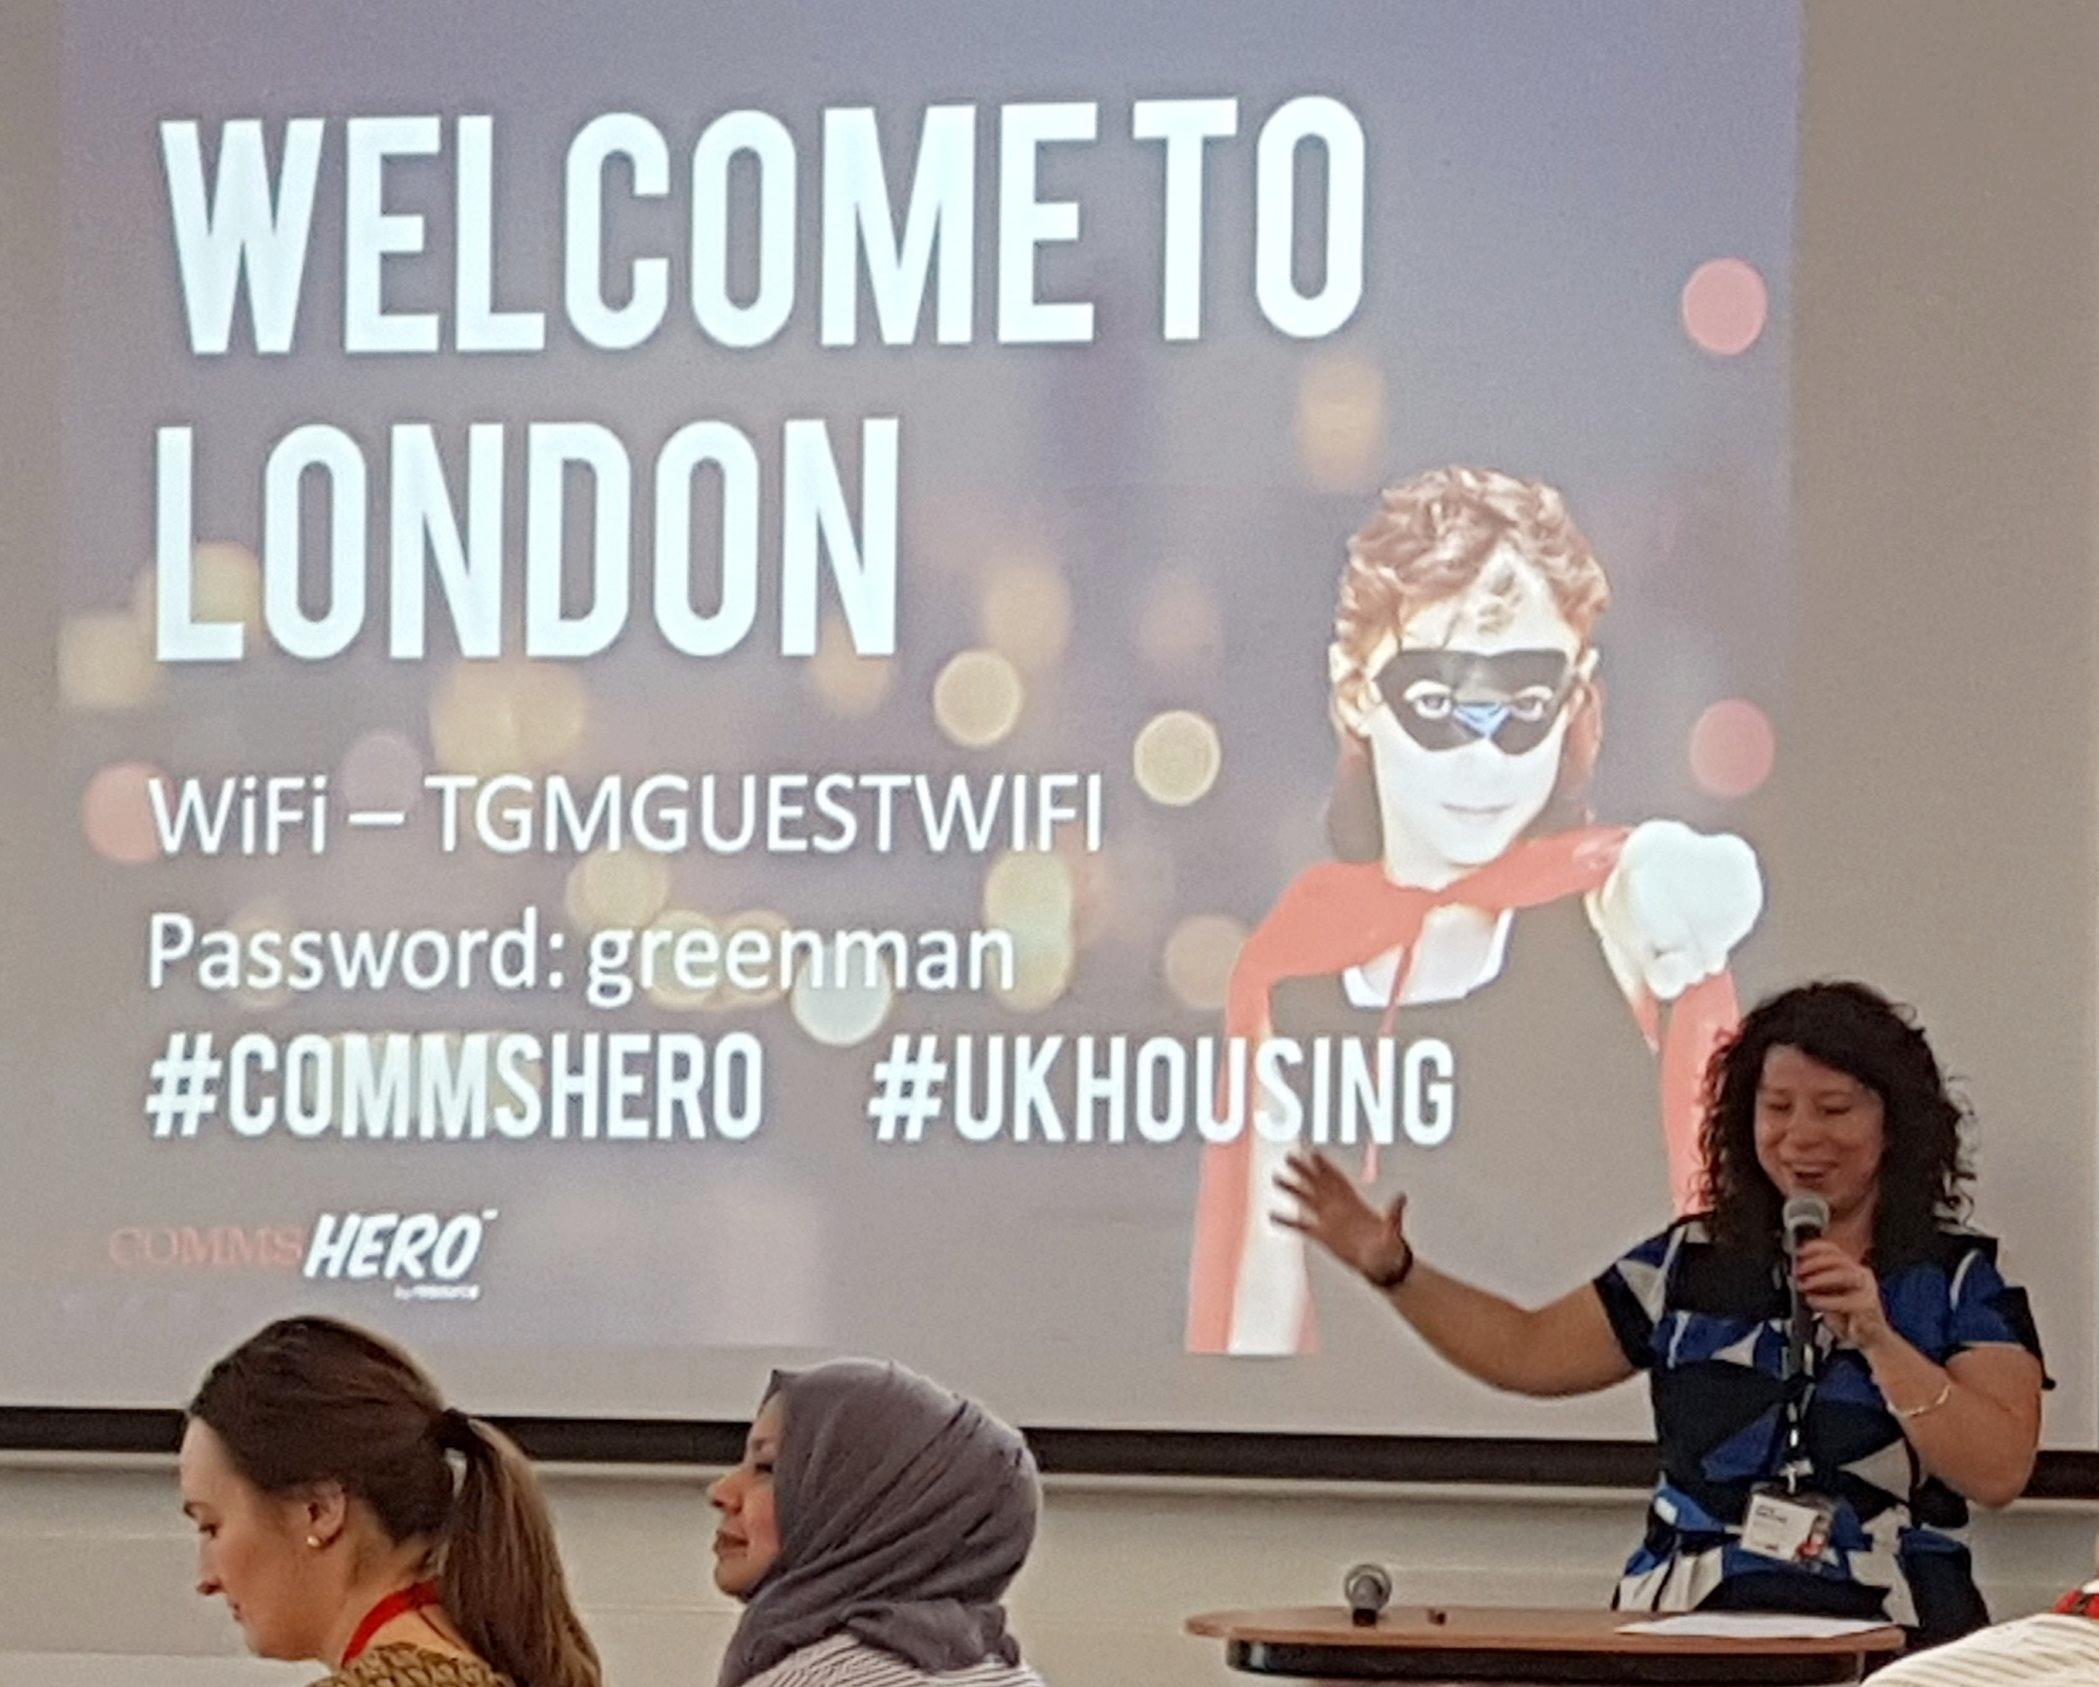 Jenny Osbourne opens the Conference